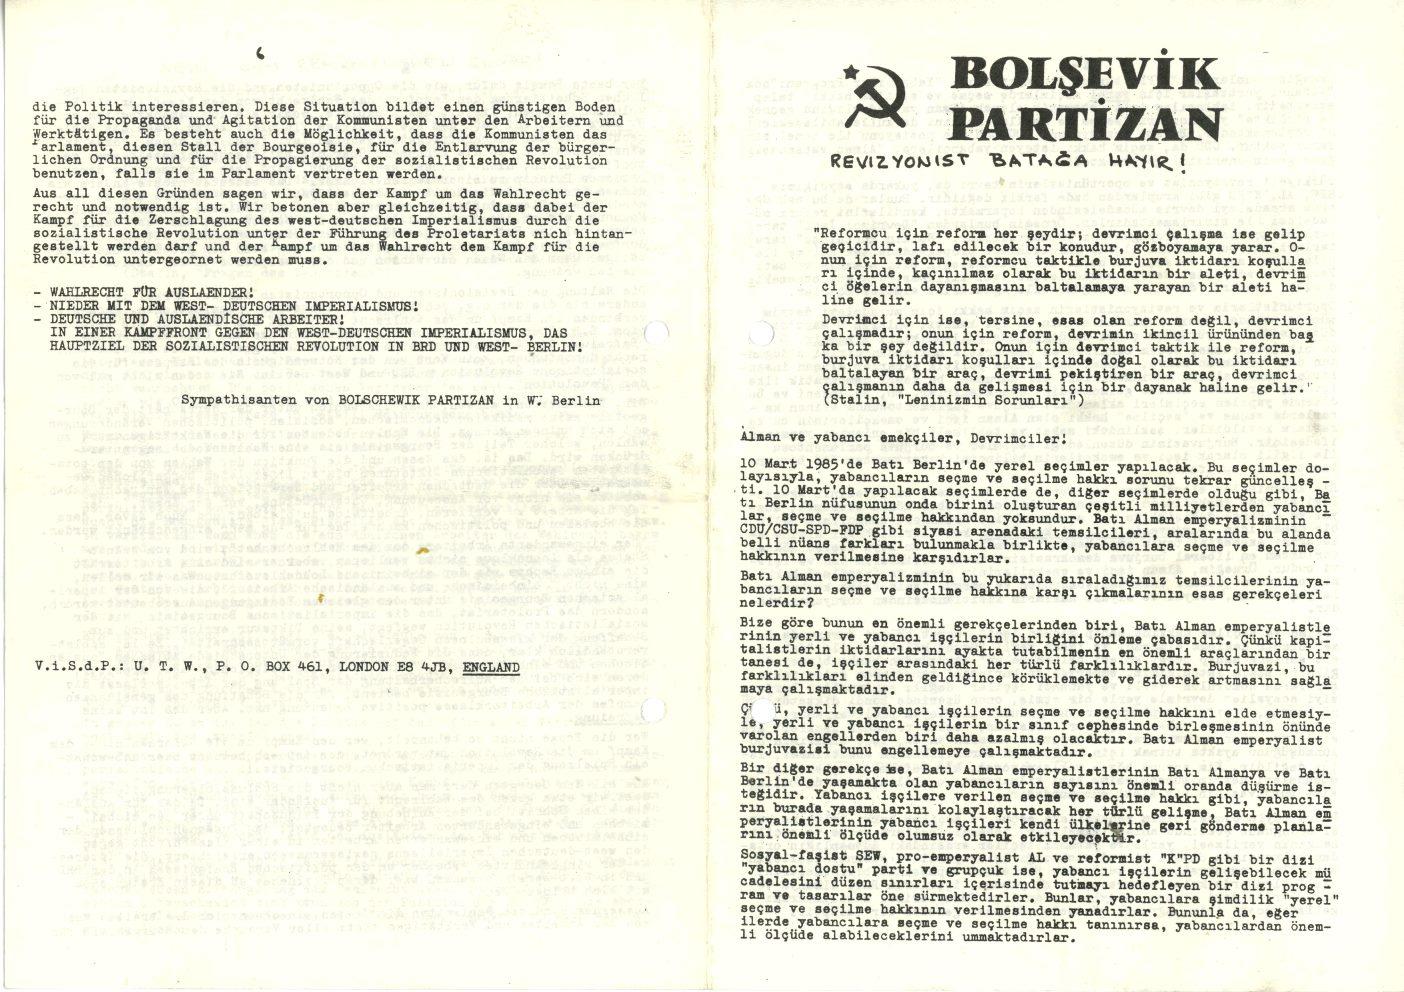 Tuerkei_Bolsevik_Partizan_Flugschriften_1985_08_02